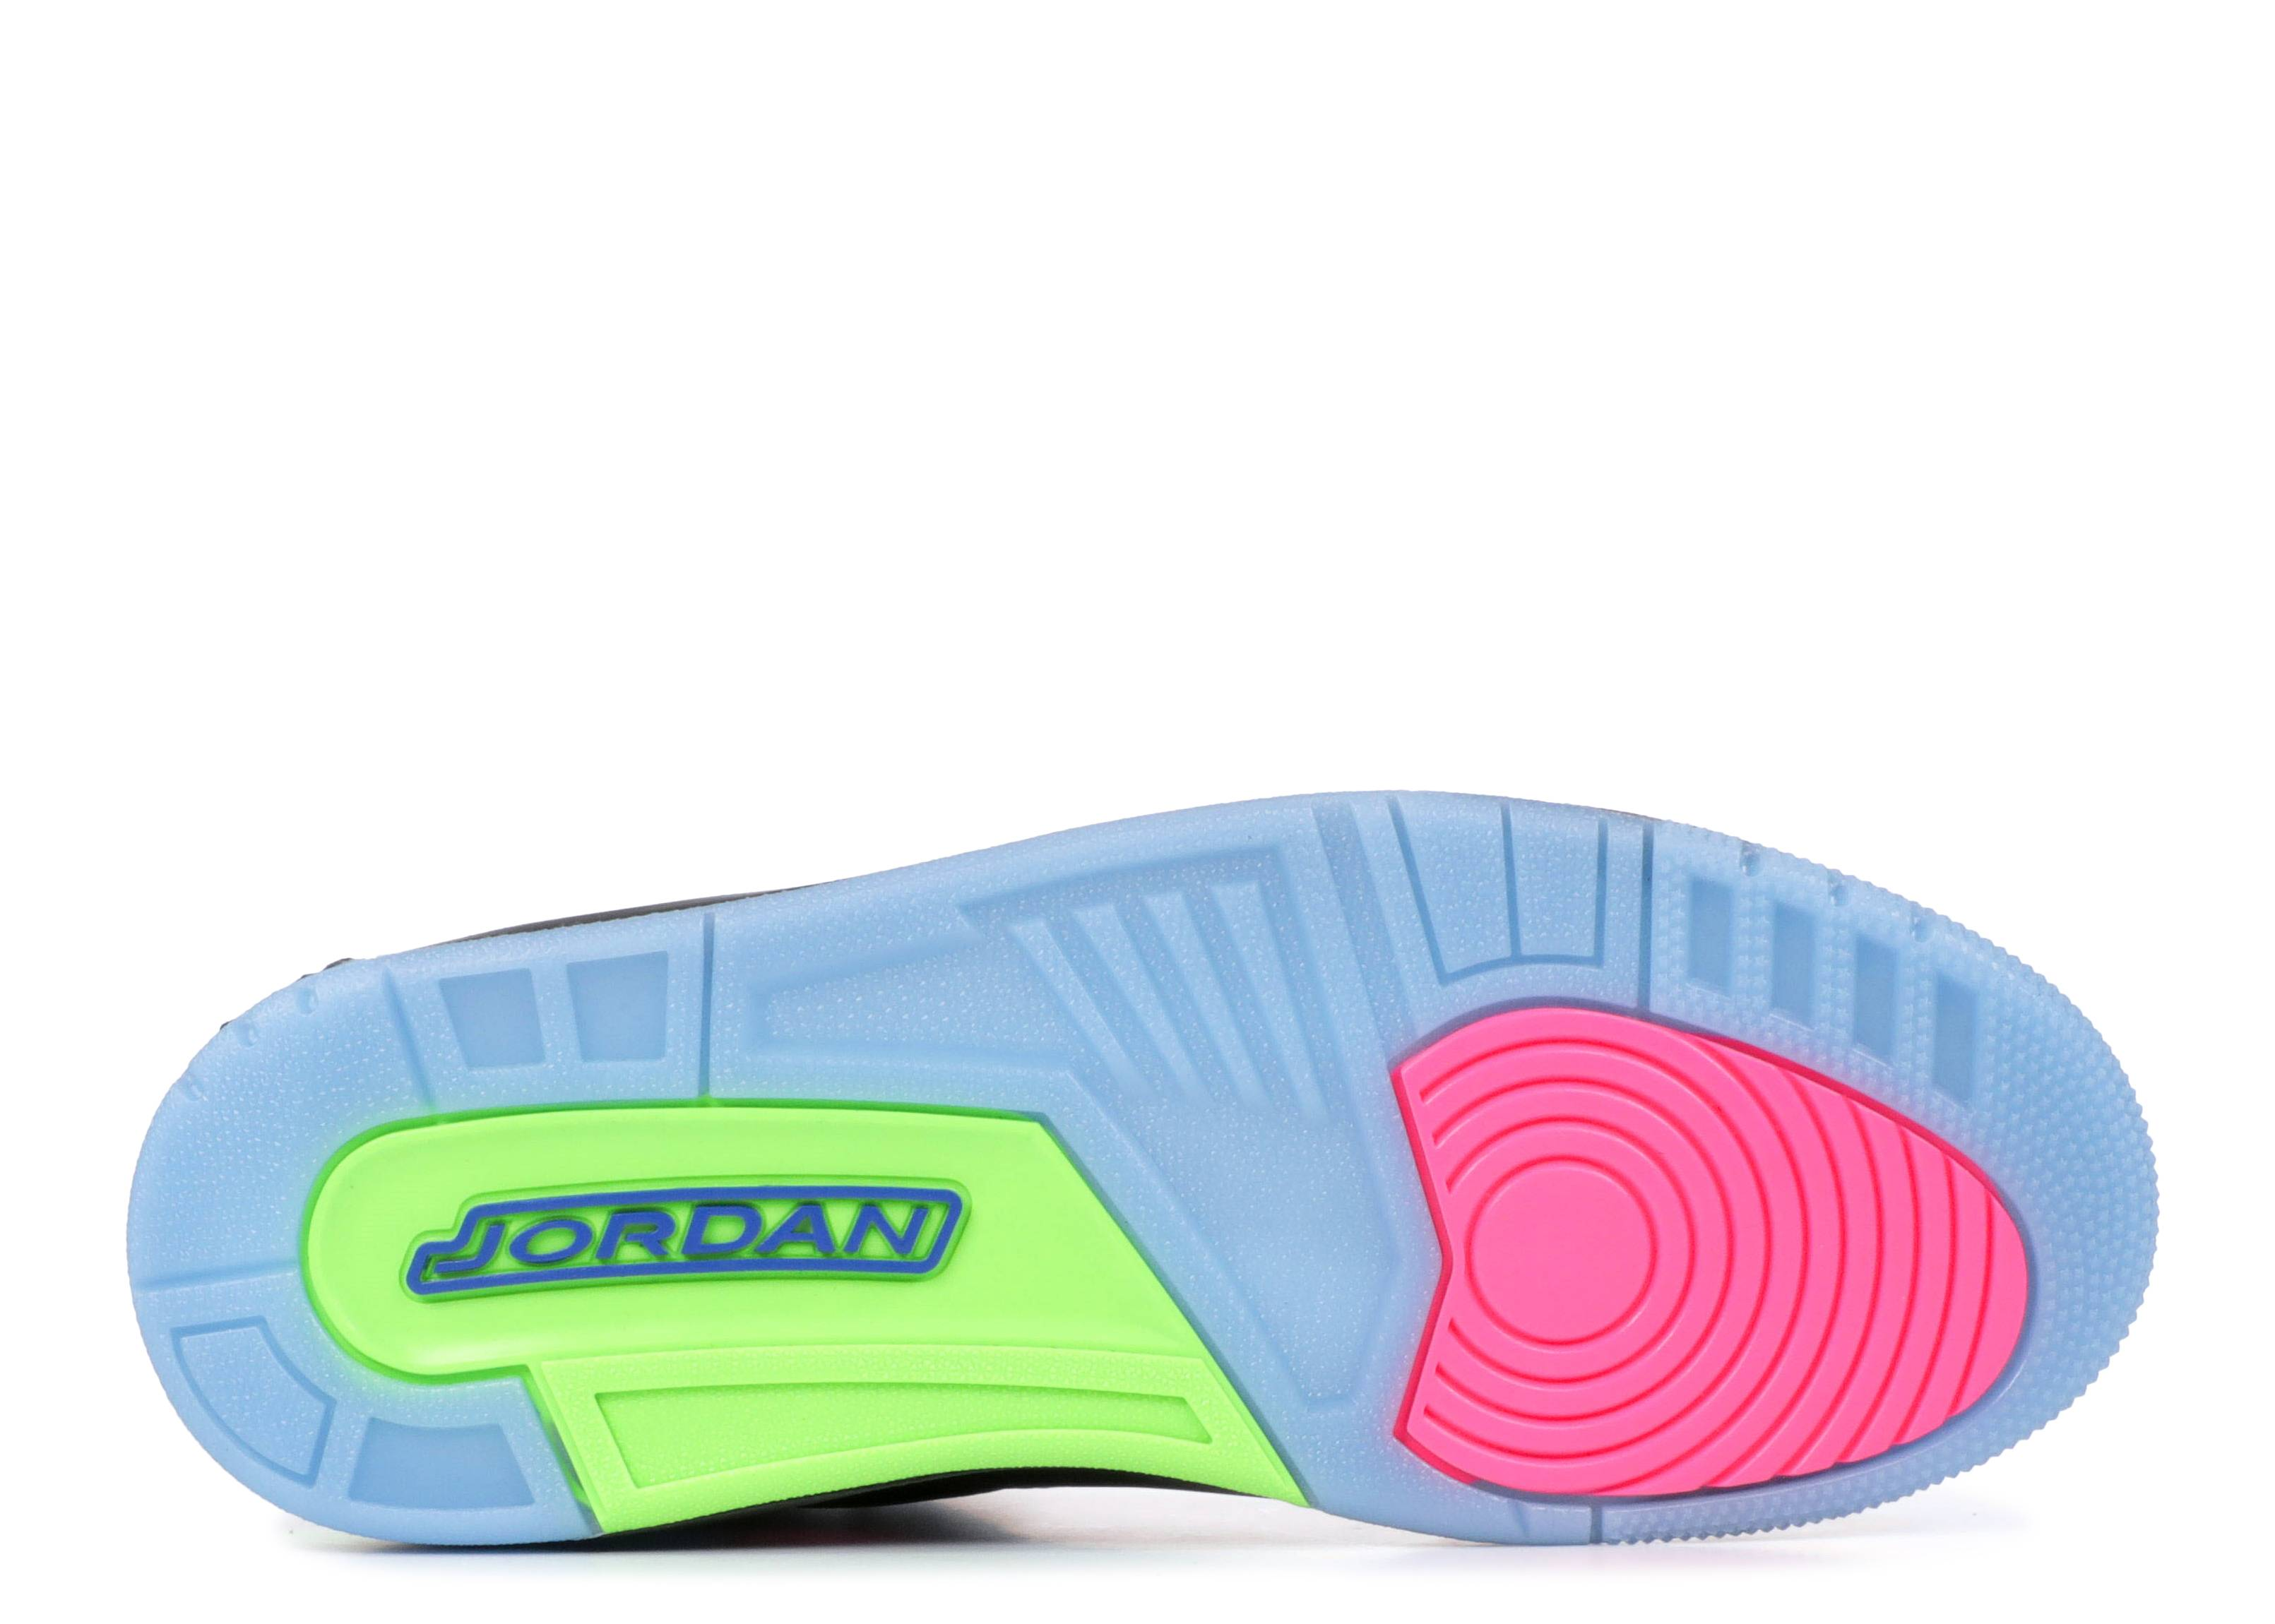 Air Jordan 3 Retro Se Q54